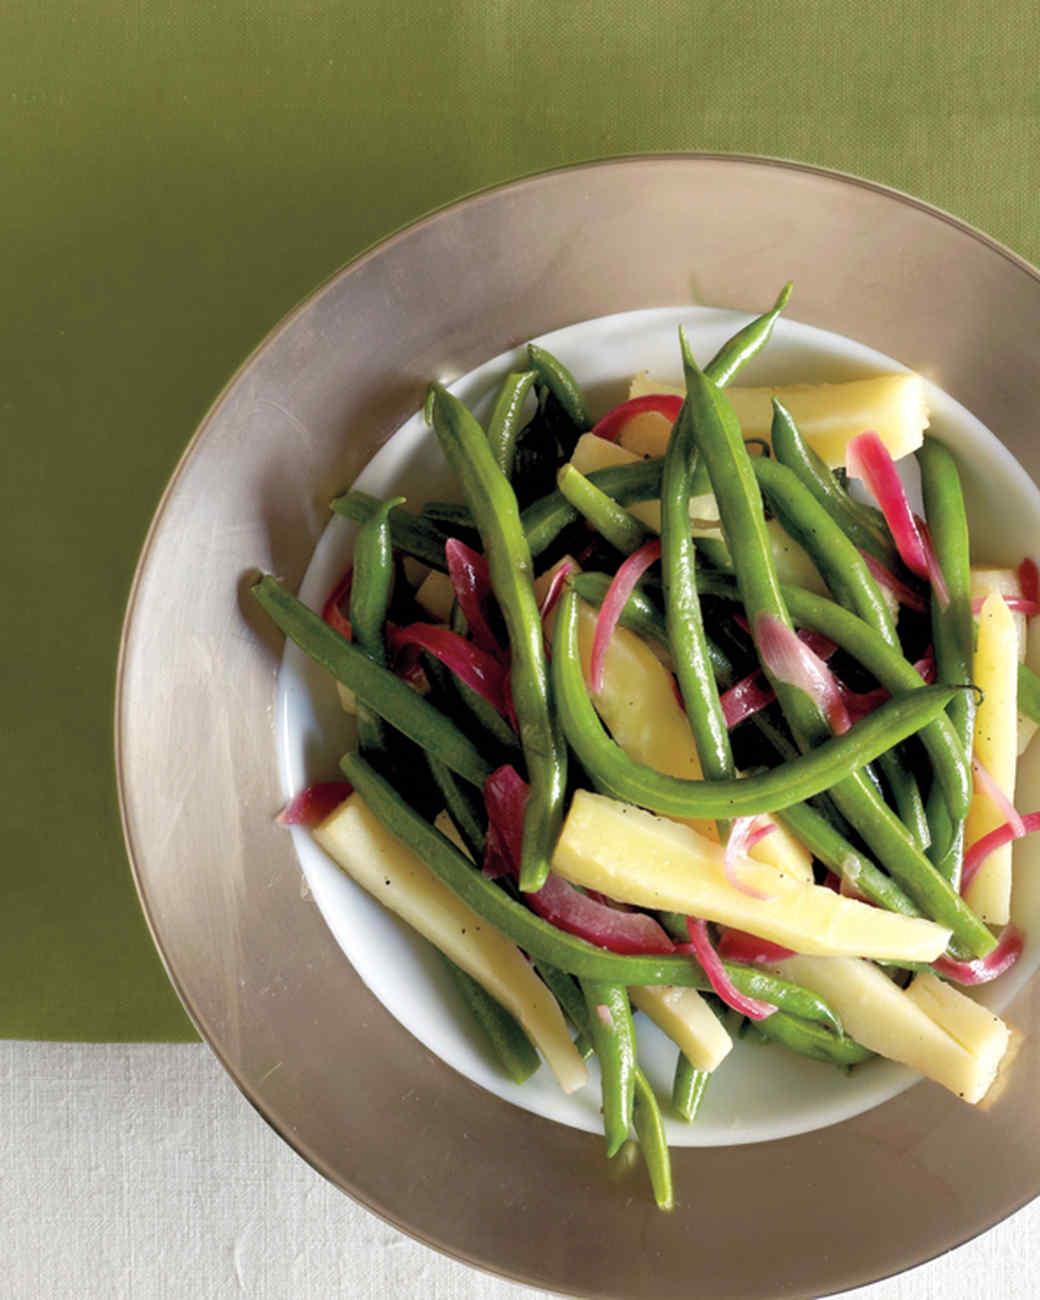 green-beans-parsnips-med107742.jpg